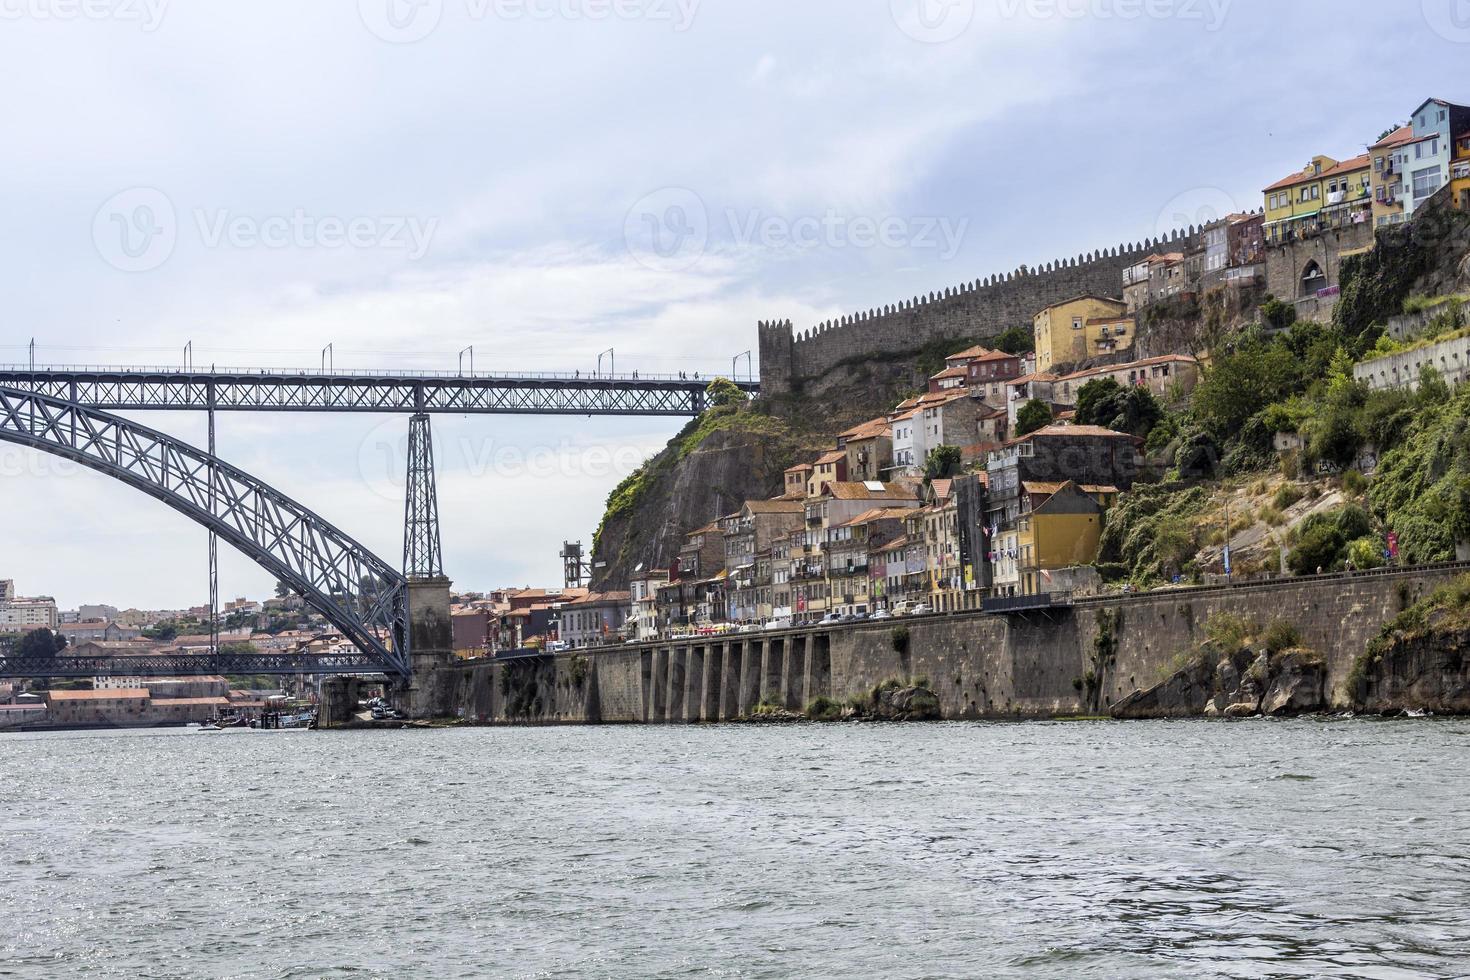 Vue sur le vieux centre-ville et le pont Dom Luiz, paysage urbain de Porto photo